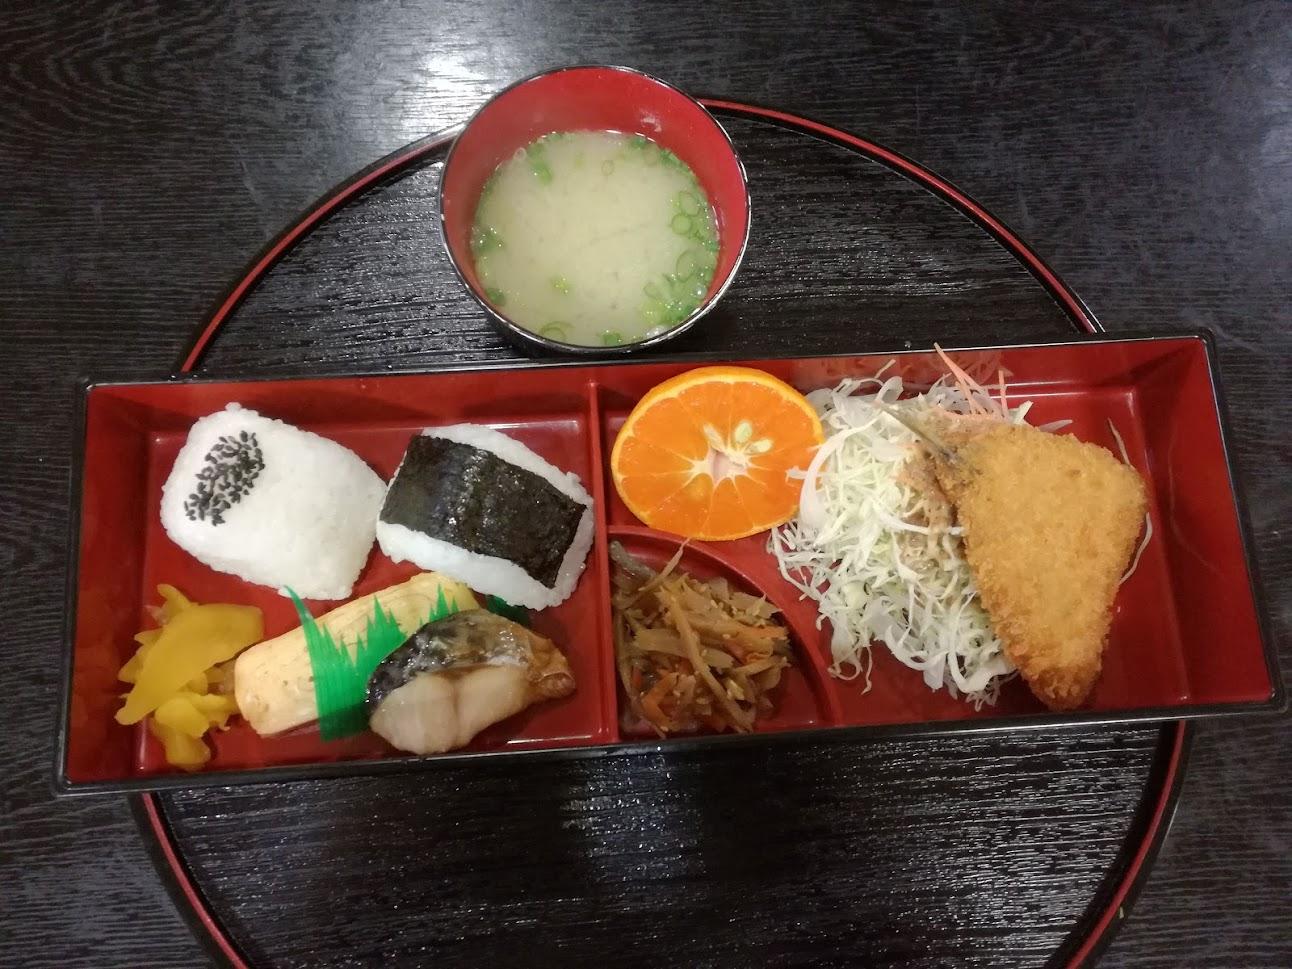 さいと温泉 御食事処 穂積で温かい日替わりランチ500円をいただいた。お腹落ち着いてパワー充填しました